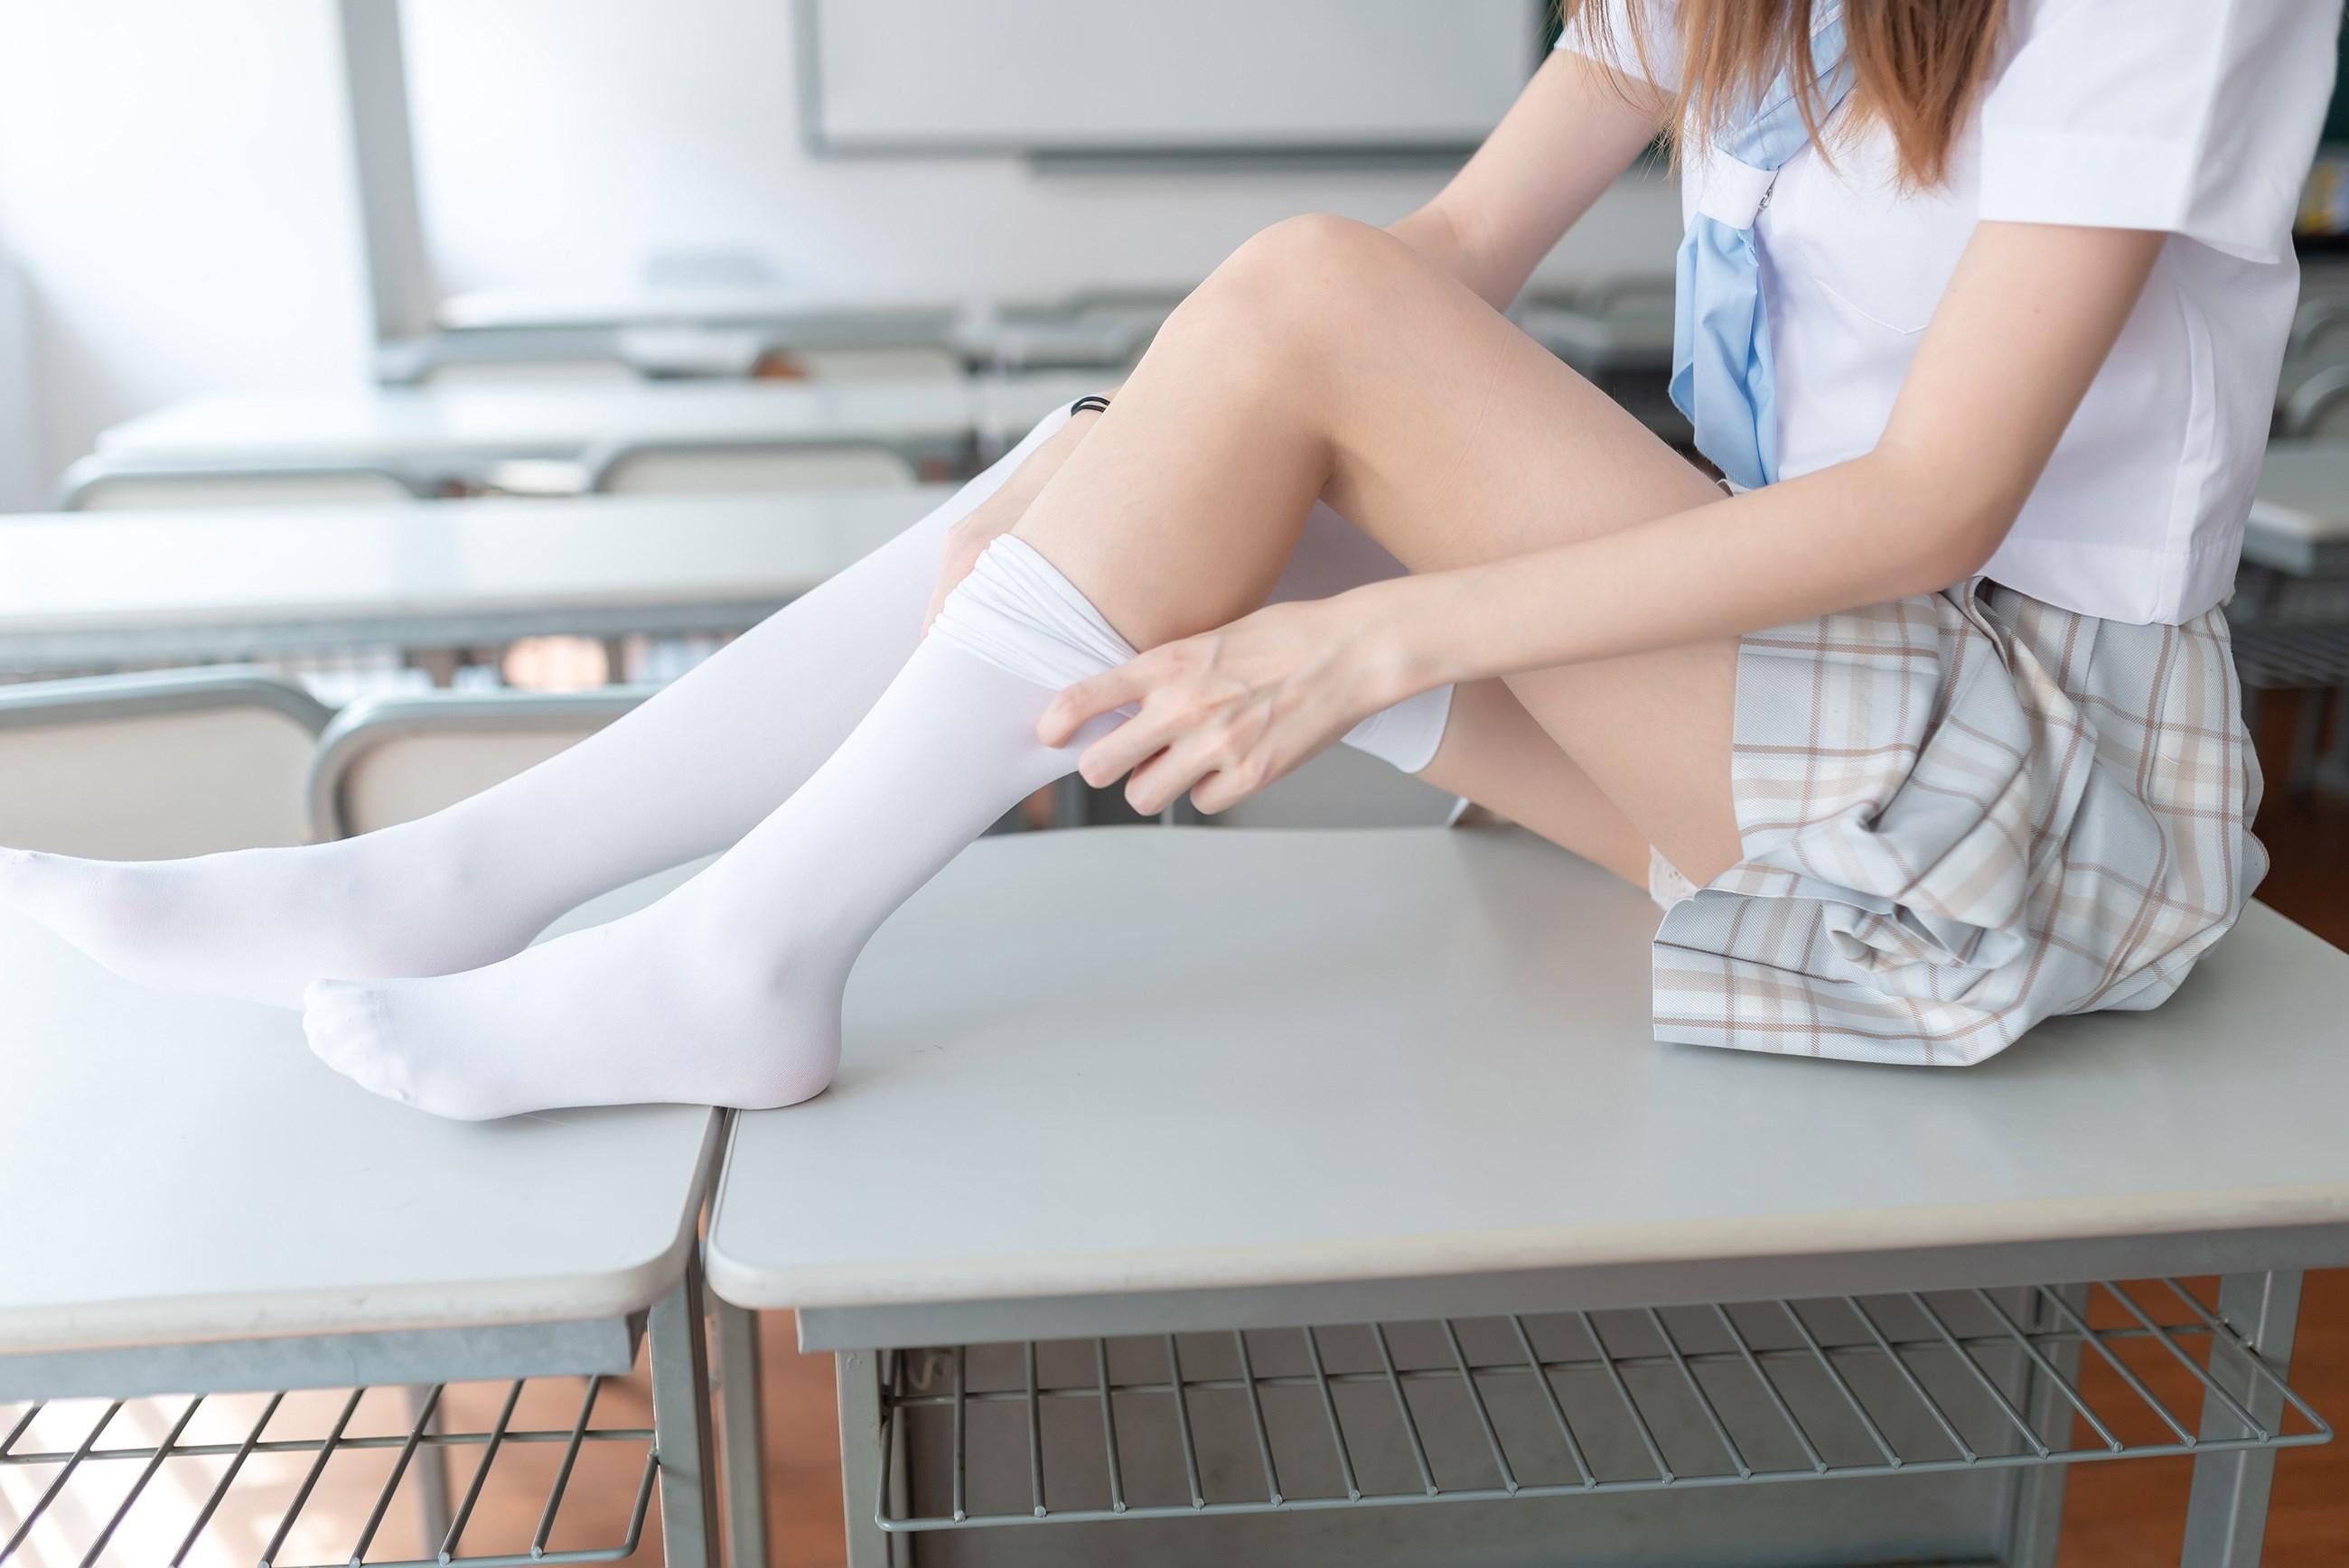 【兔玩映画】不要躺在课桌上 兔玩映画 第32张